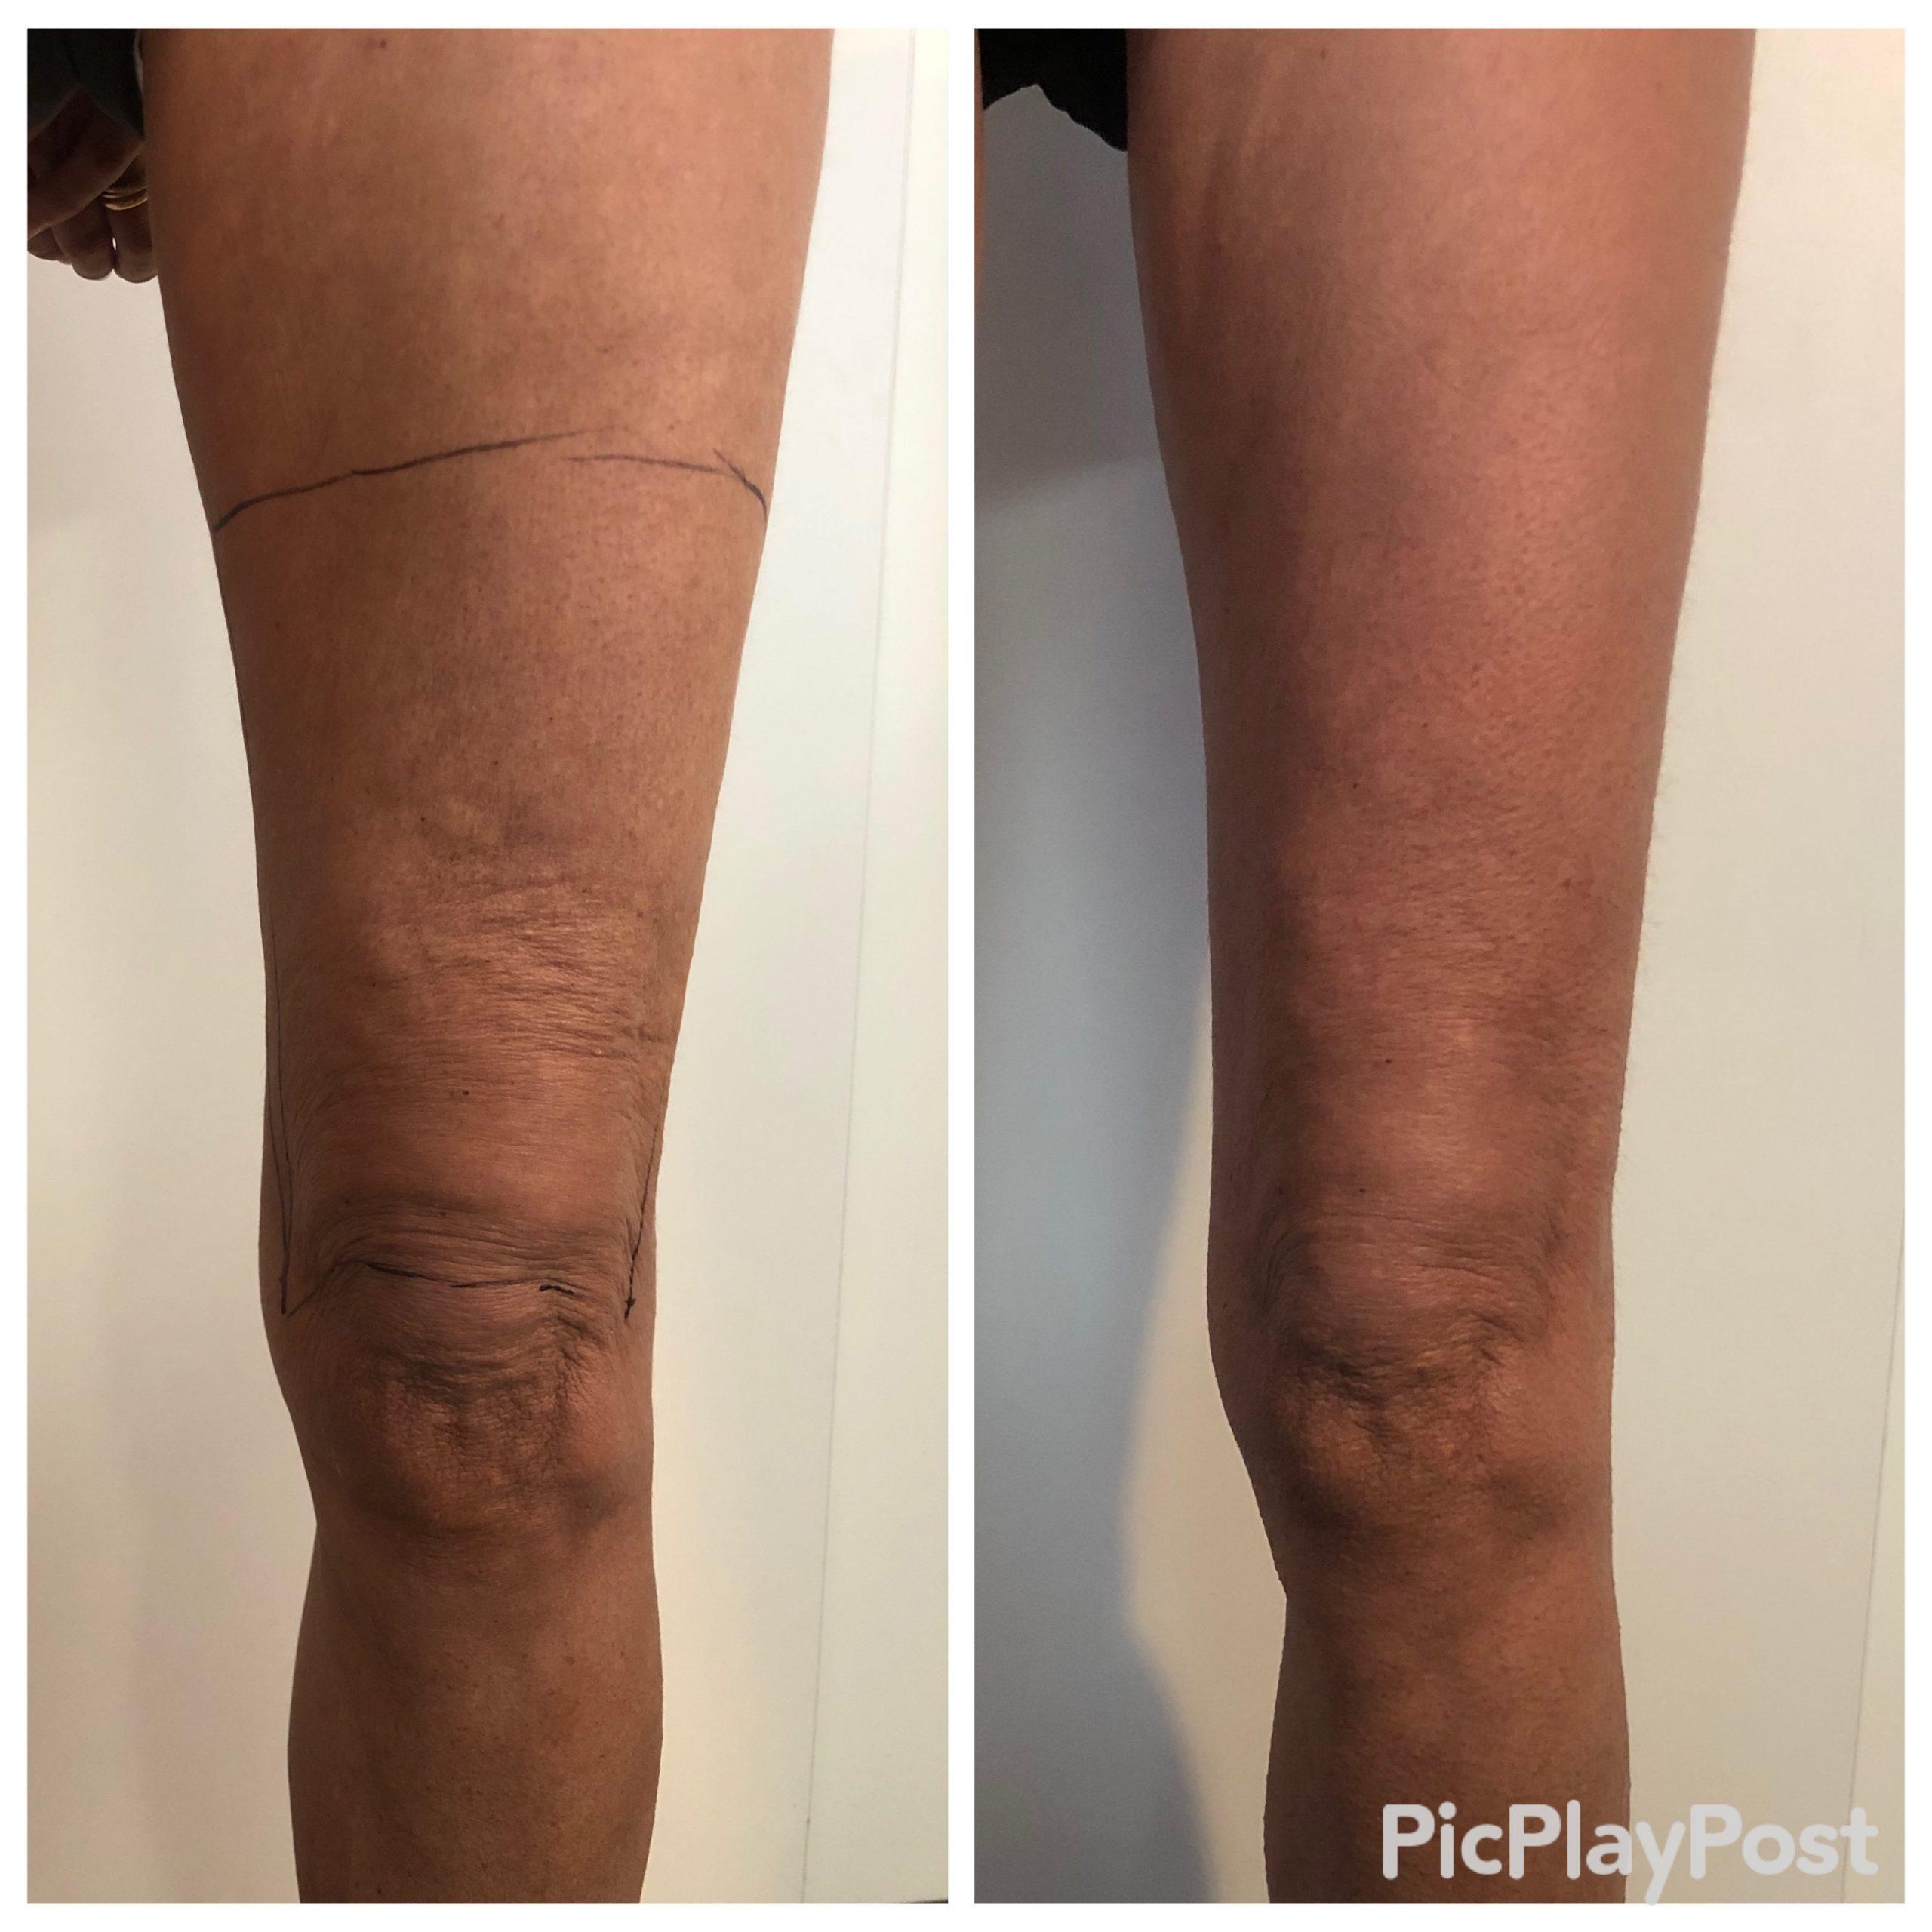 Patiente présentant une cellulite au dessus des genoux due au relâchement cutané. Traitement par radiofréquence EXILIS